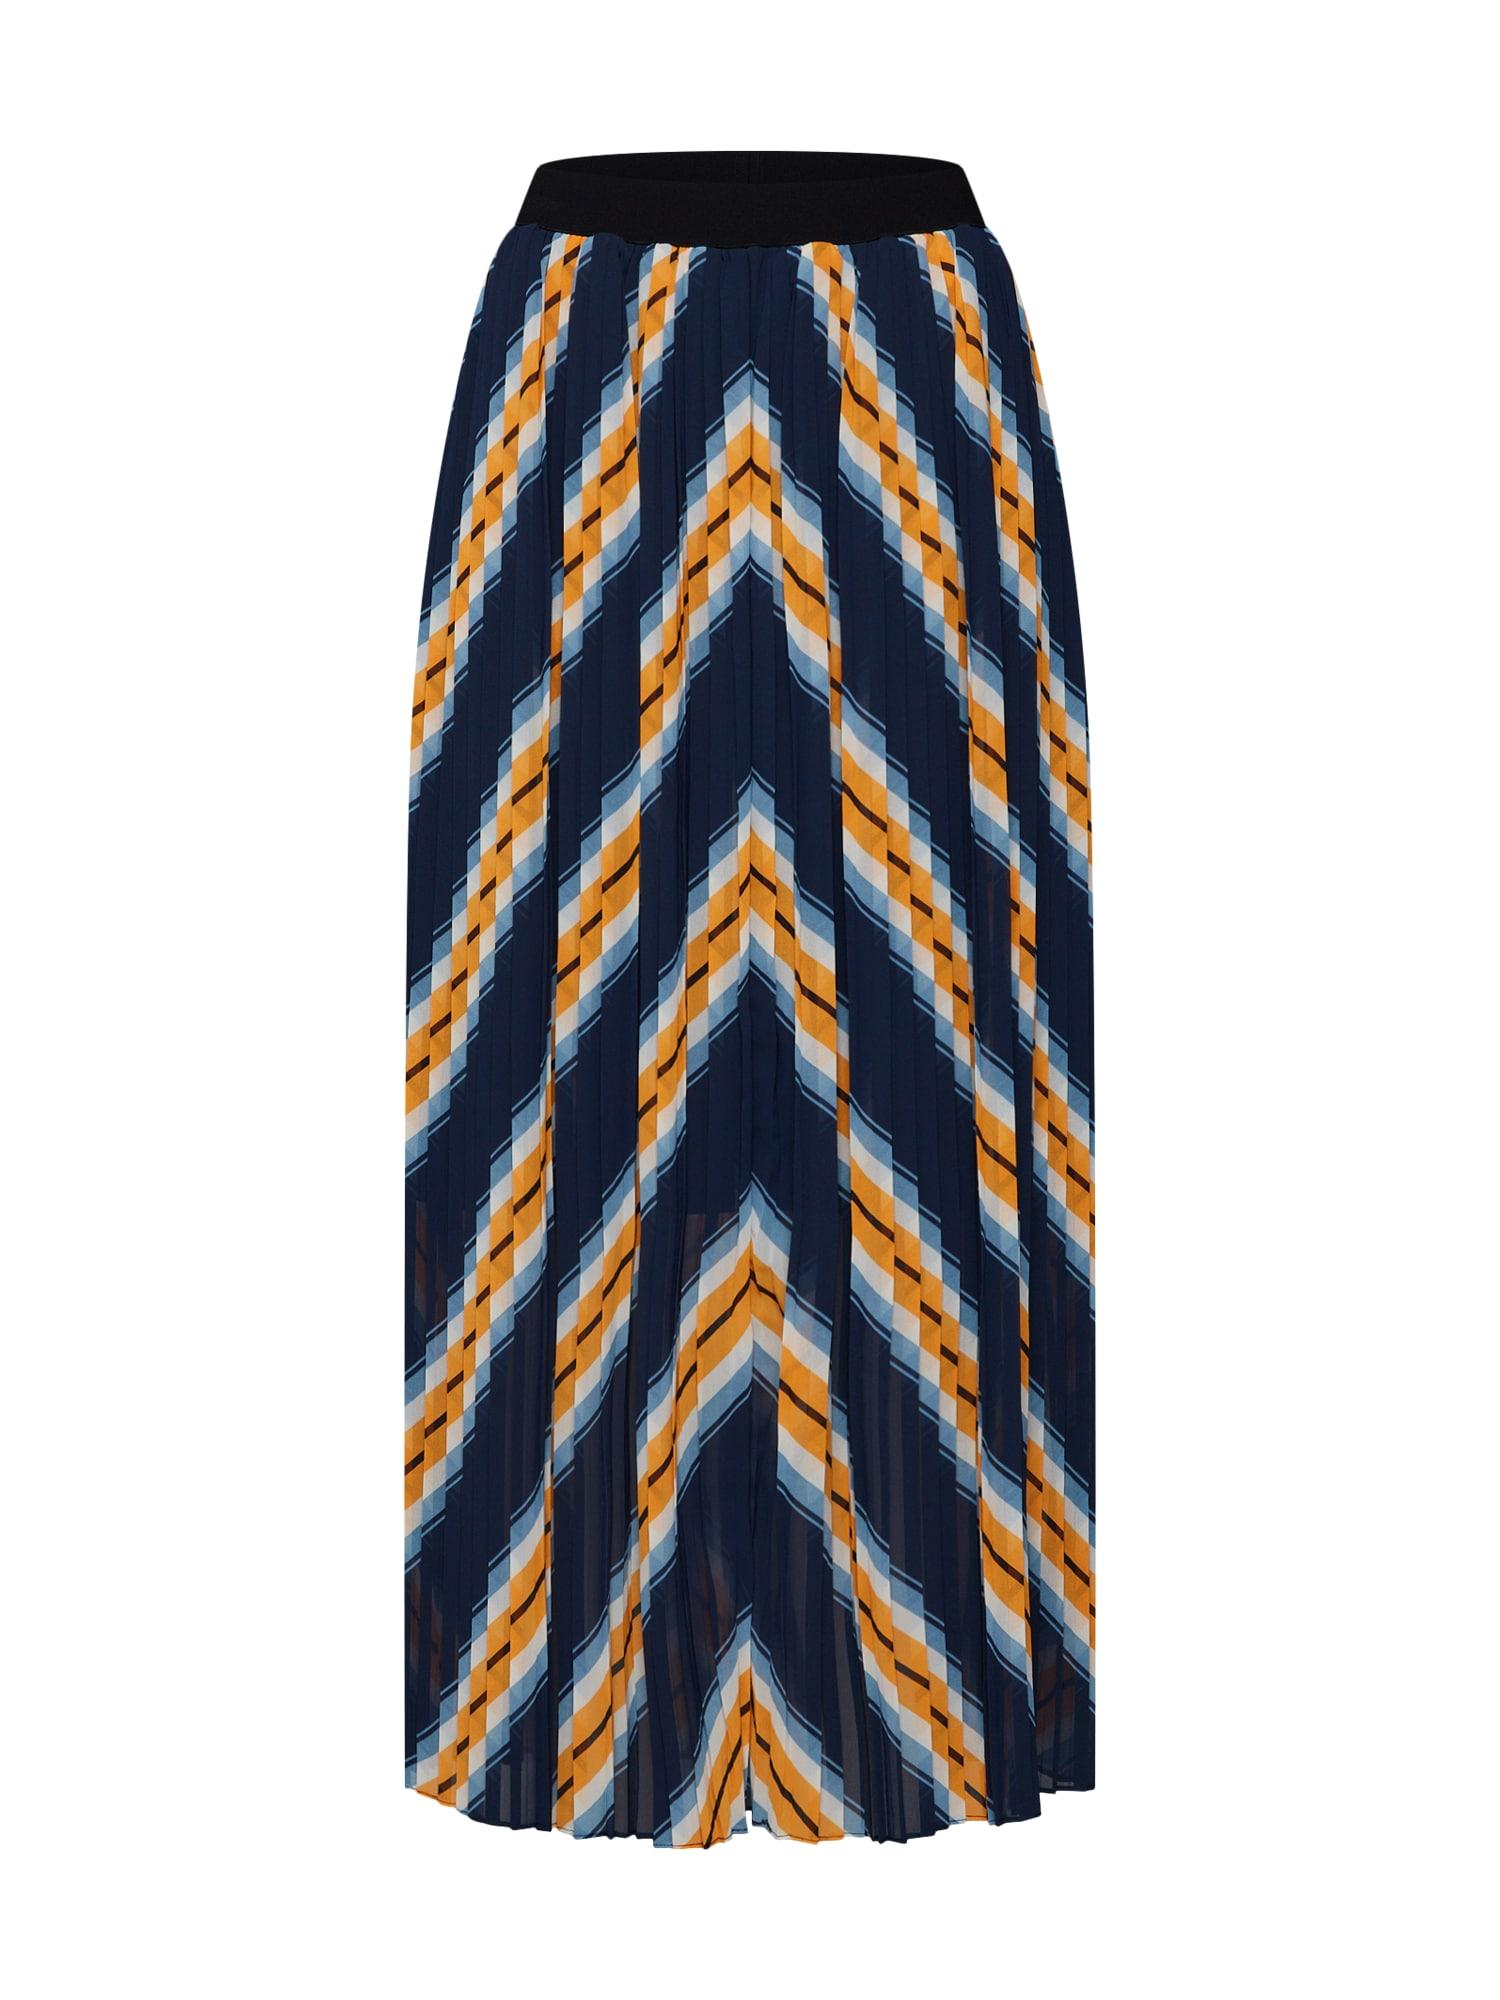 Sukně Line skirt námořnická modř žlutá bílá JUST FEMALE